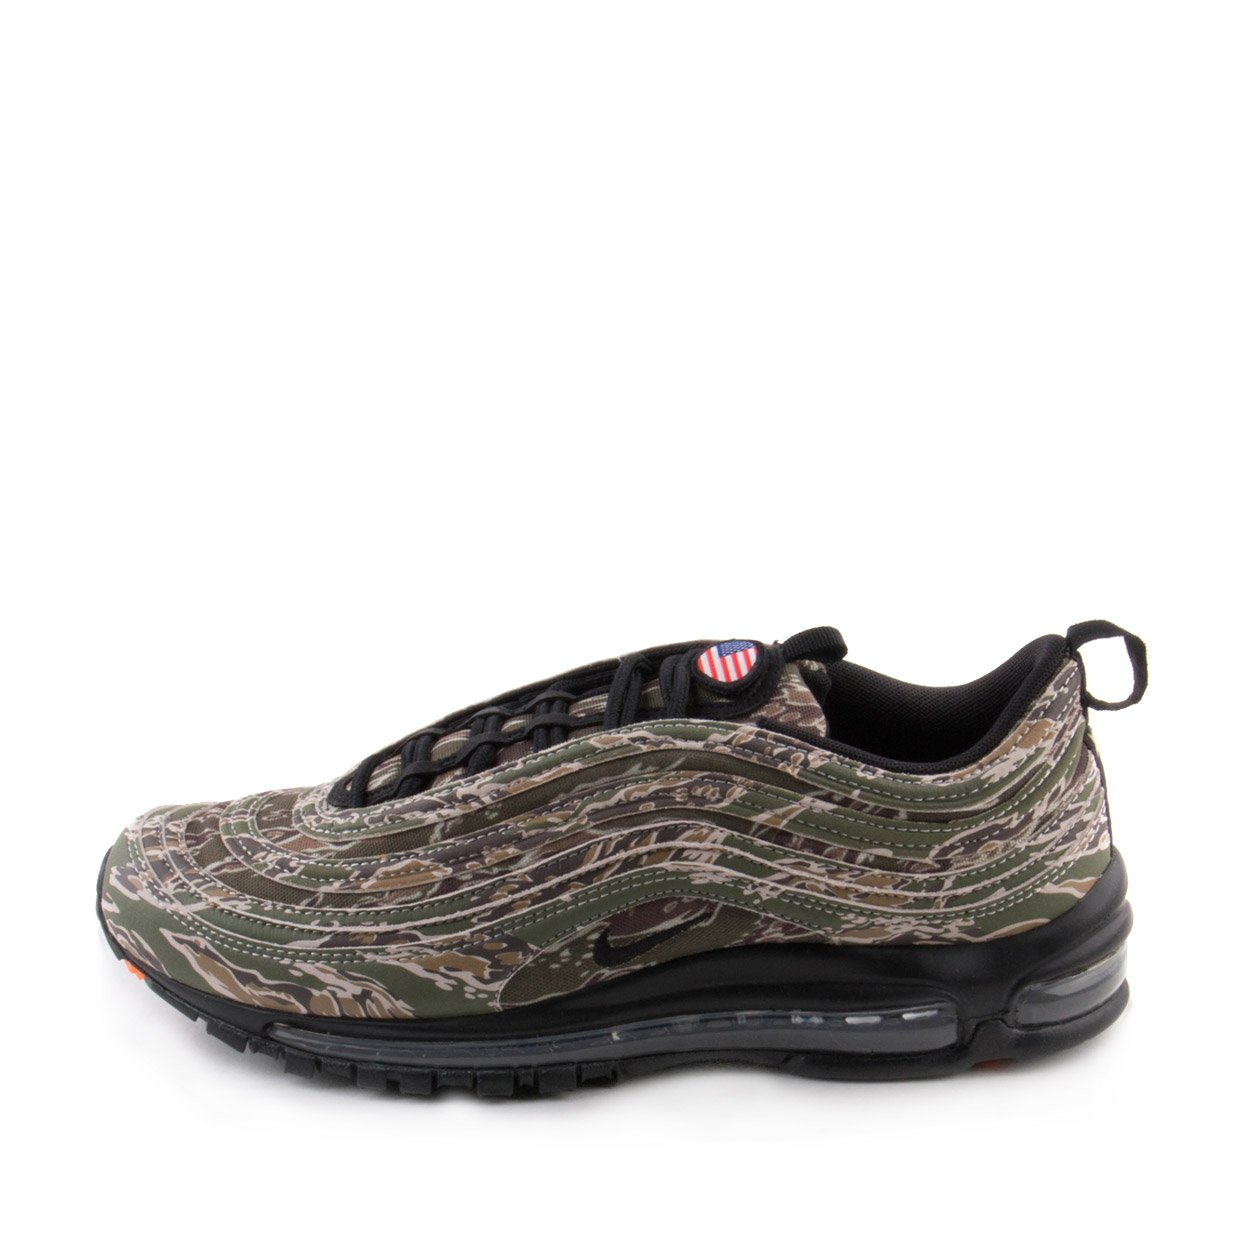 Nike Air Max 97 Premium QS AJ2614 205